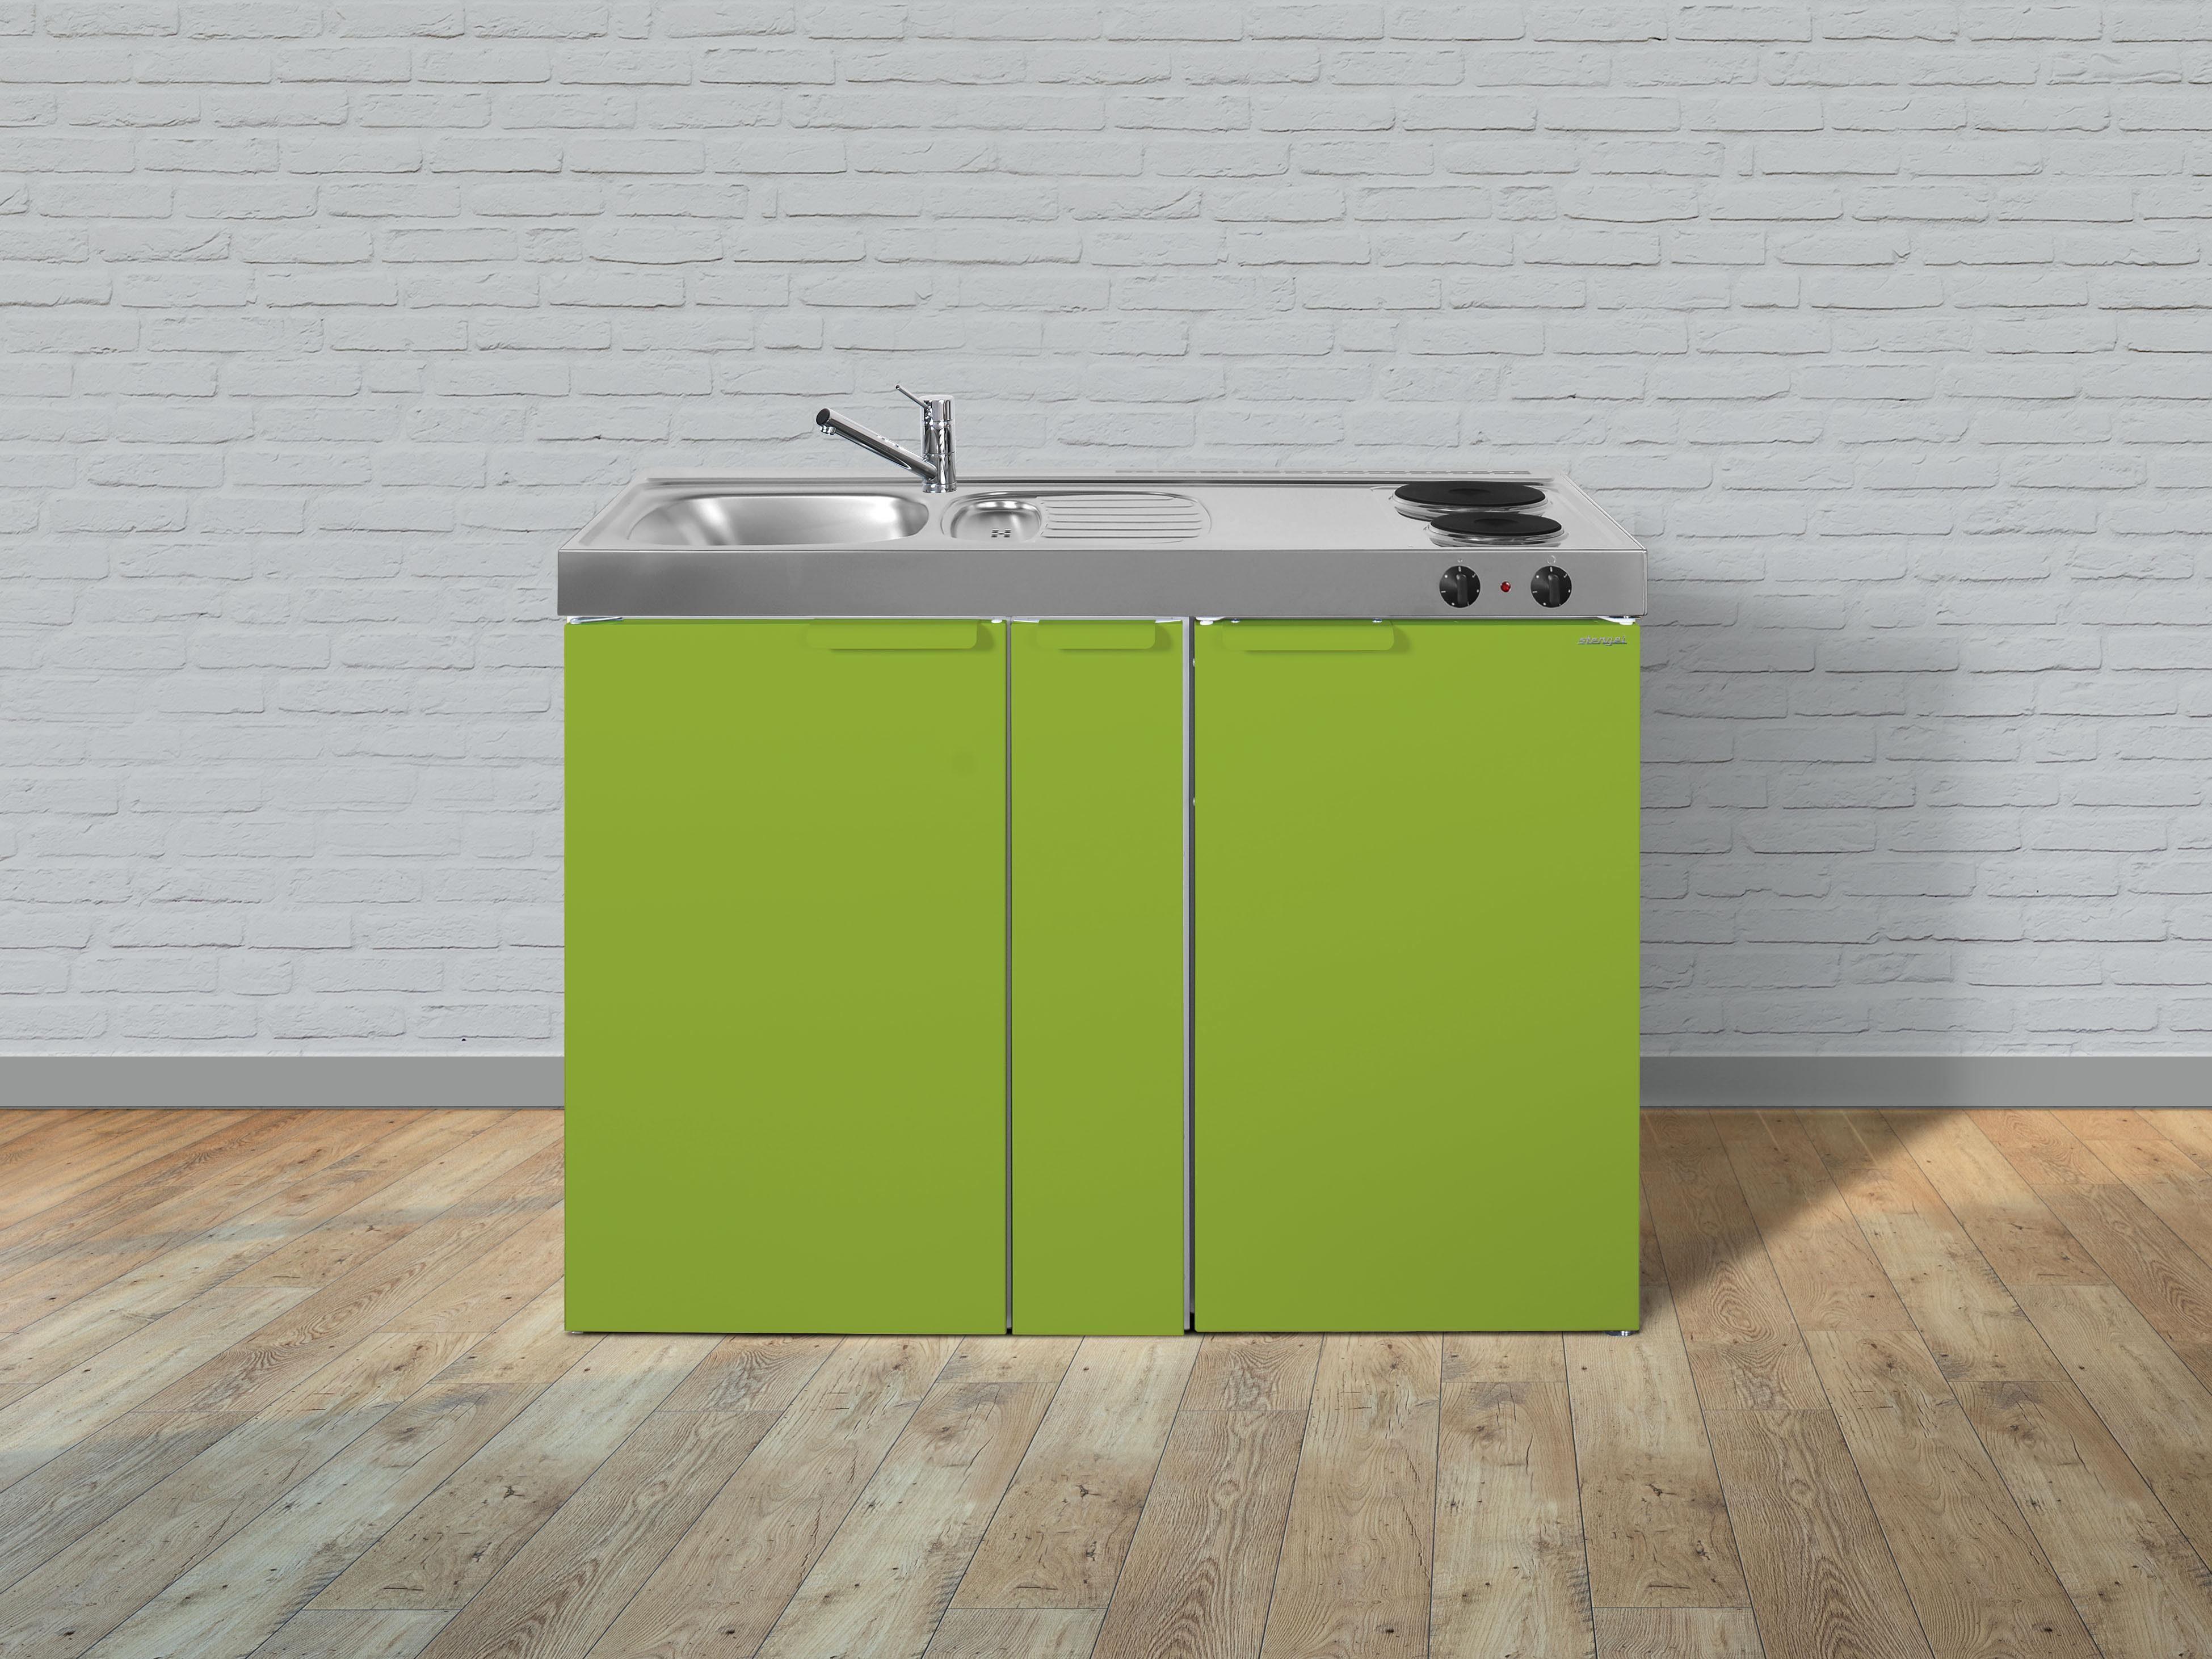 Miniküche Mit Kühlschrank Und Backofen : Stengel metall miniküche mk a apothekerauszug kühlschrank